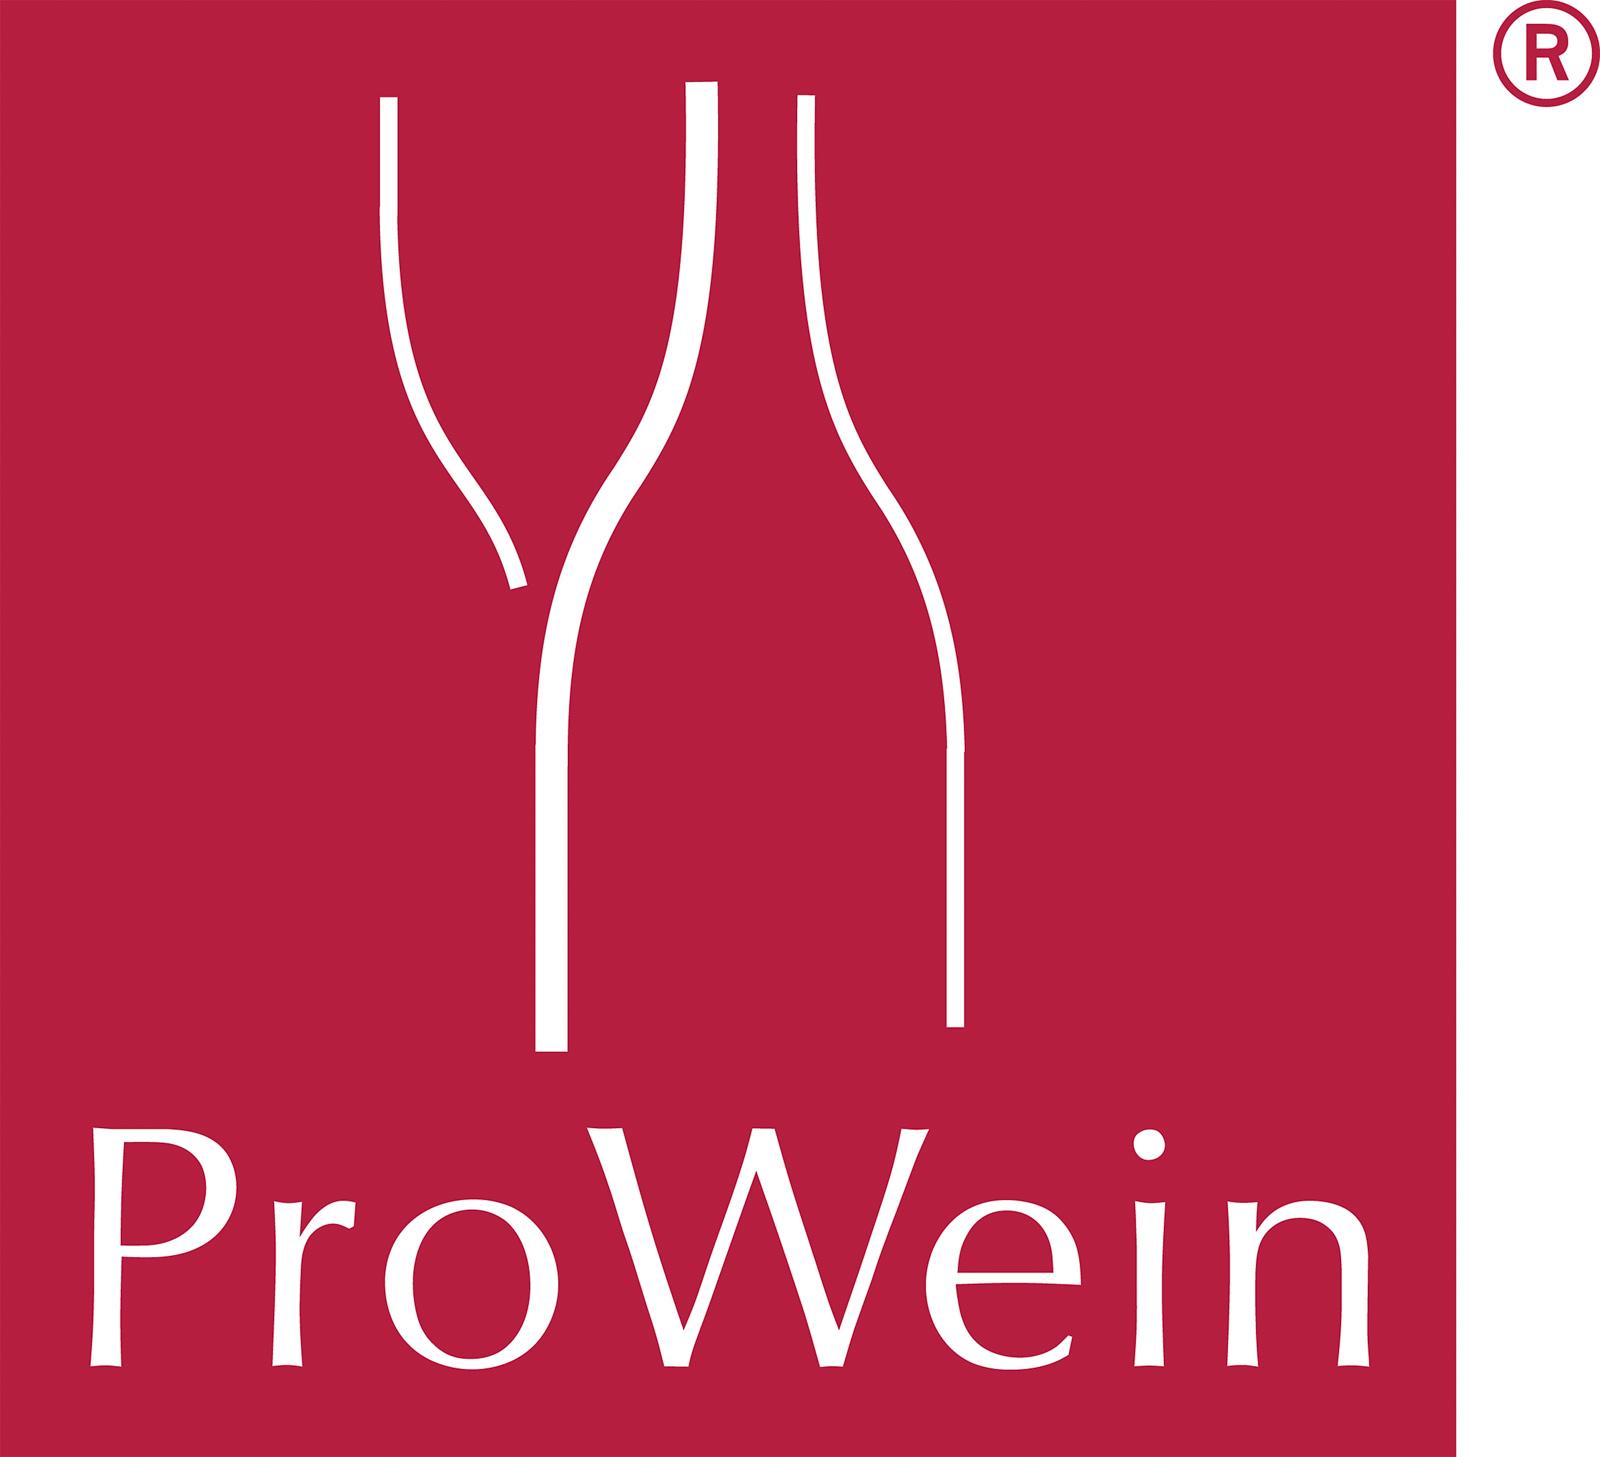 Prowein Logo Spitzbart 002.jpg